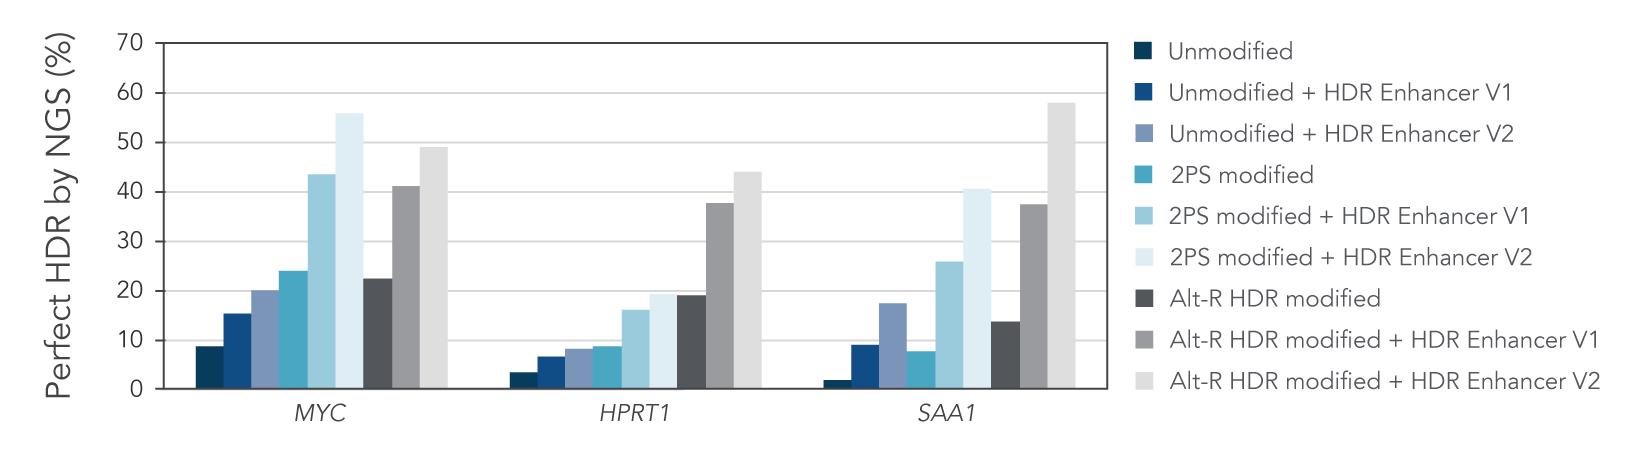 HDR Enhancer improves HDR rate